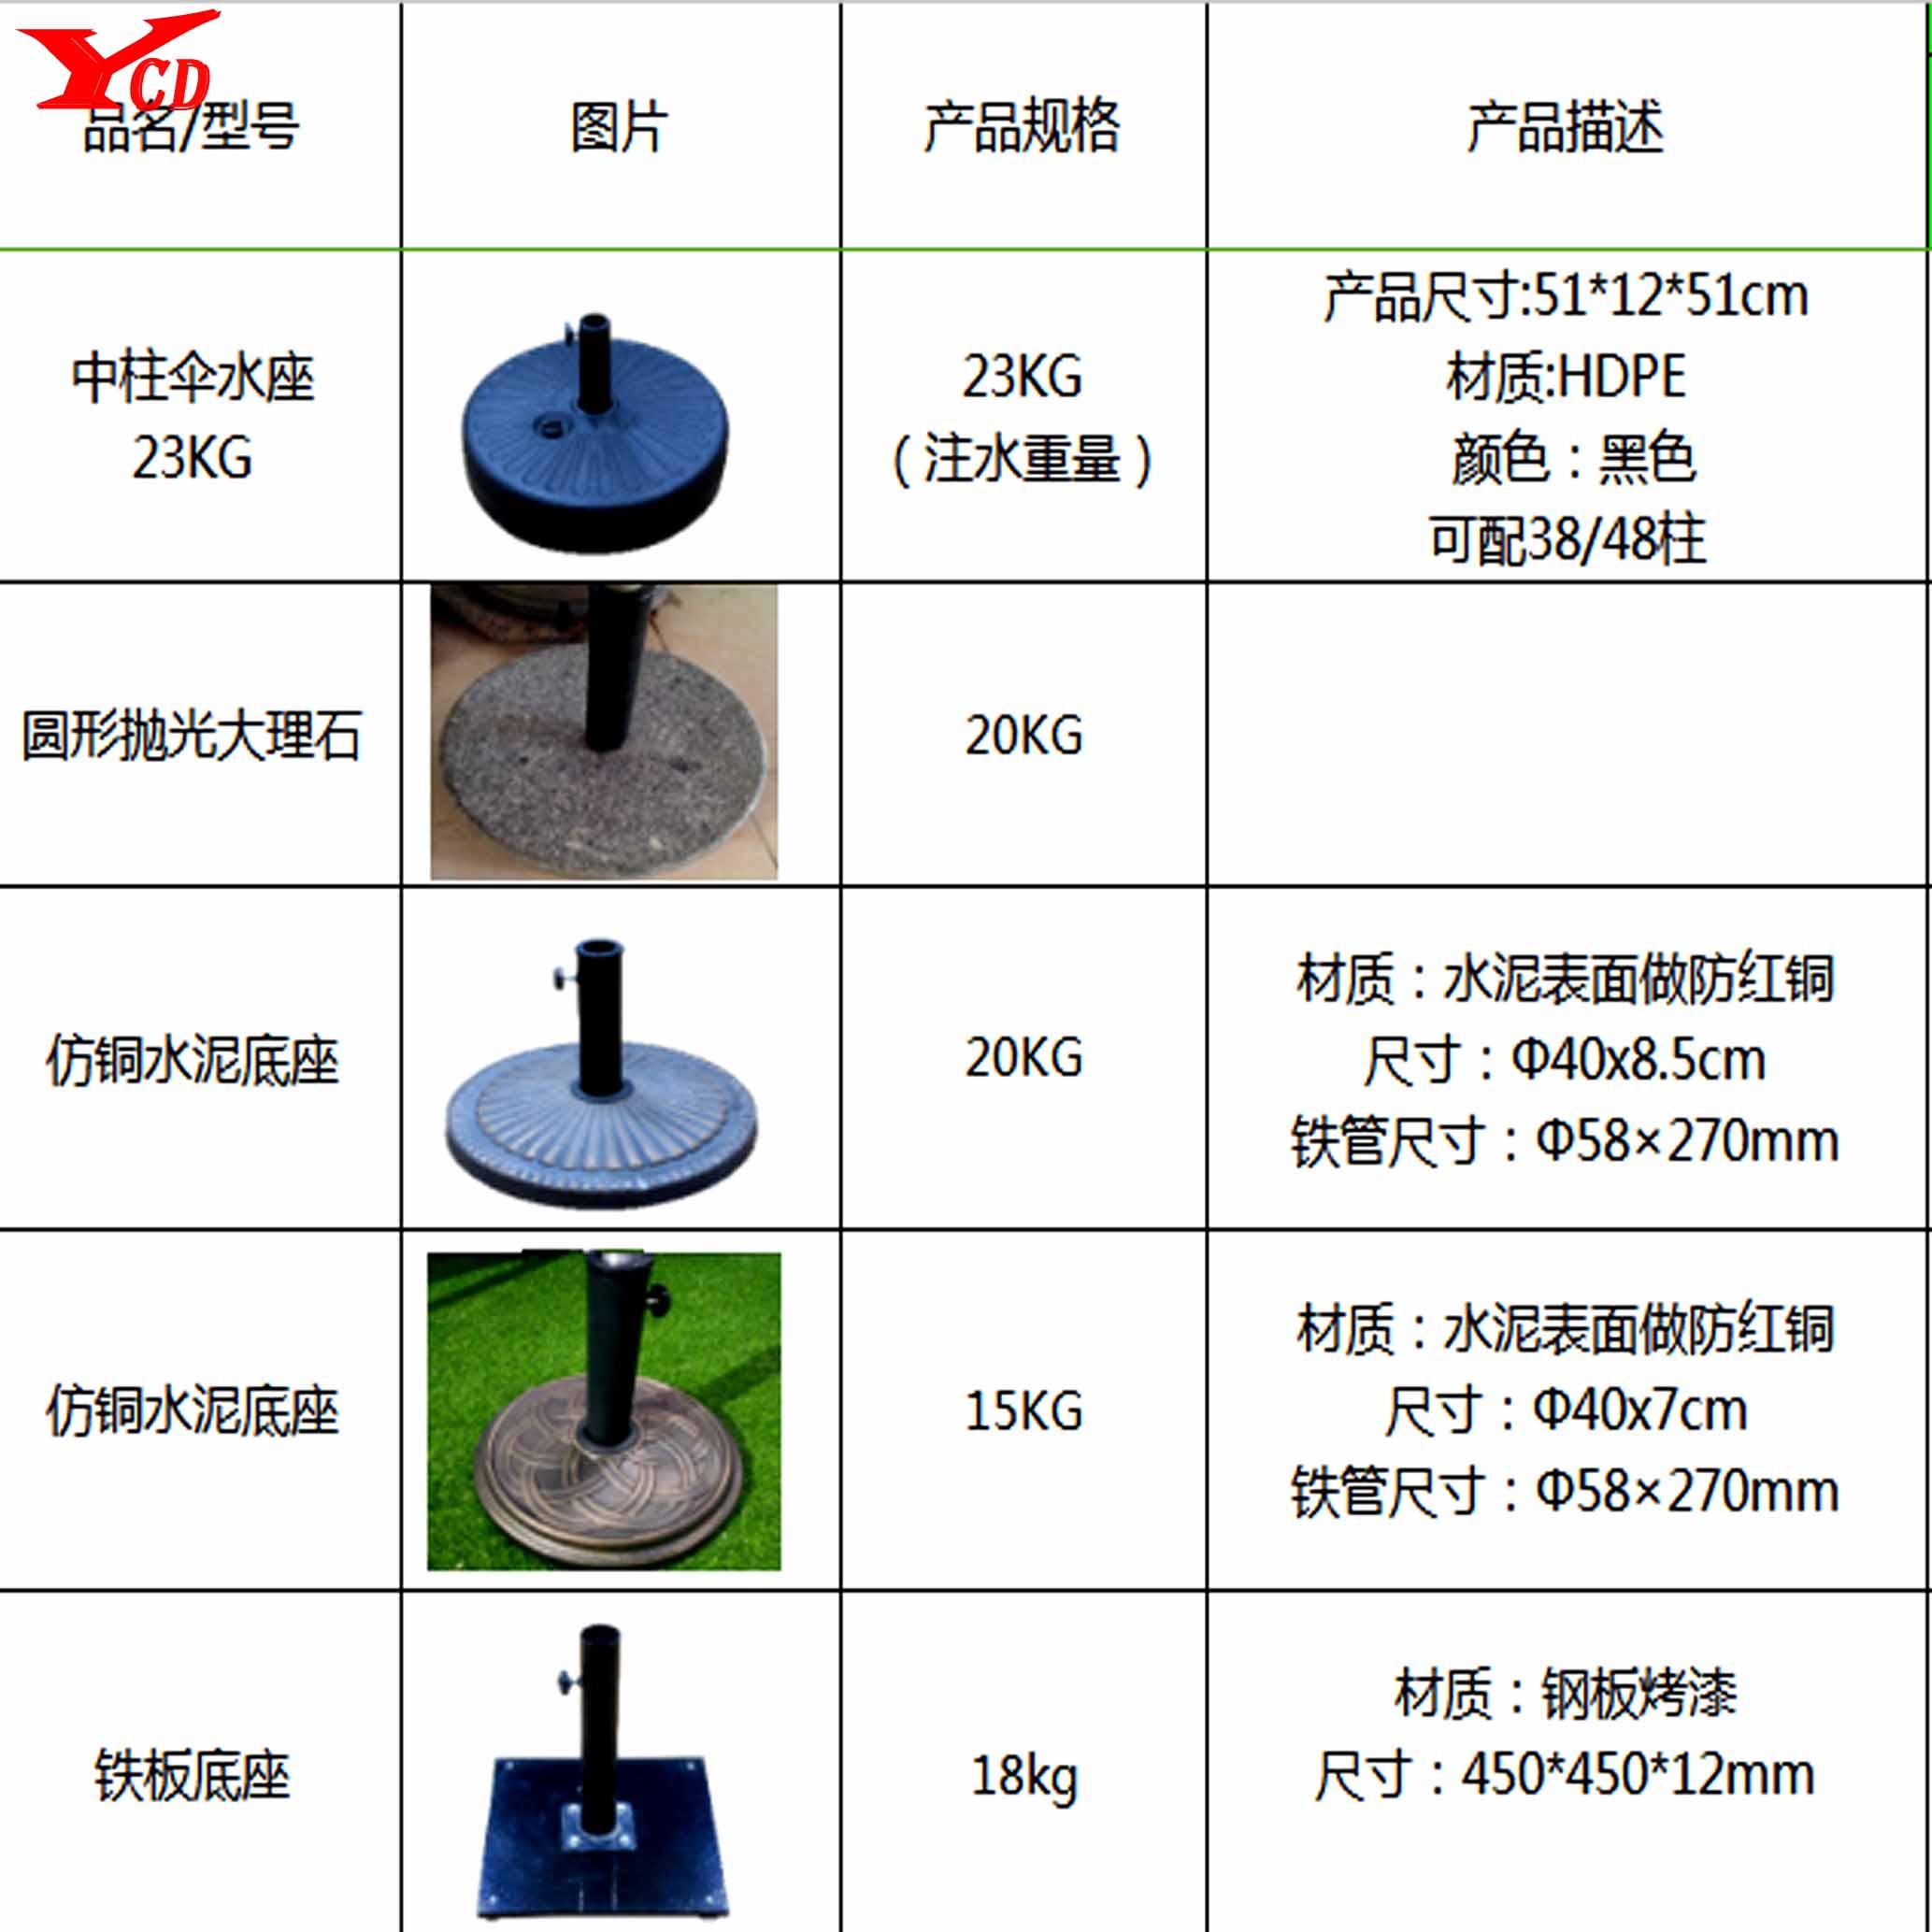 10款中柱伞|遮阳伞-山东亿彩达遮阳节能科技有限公司